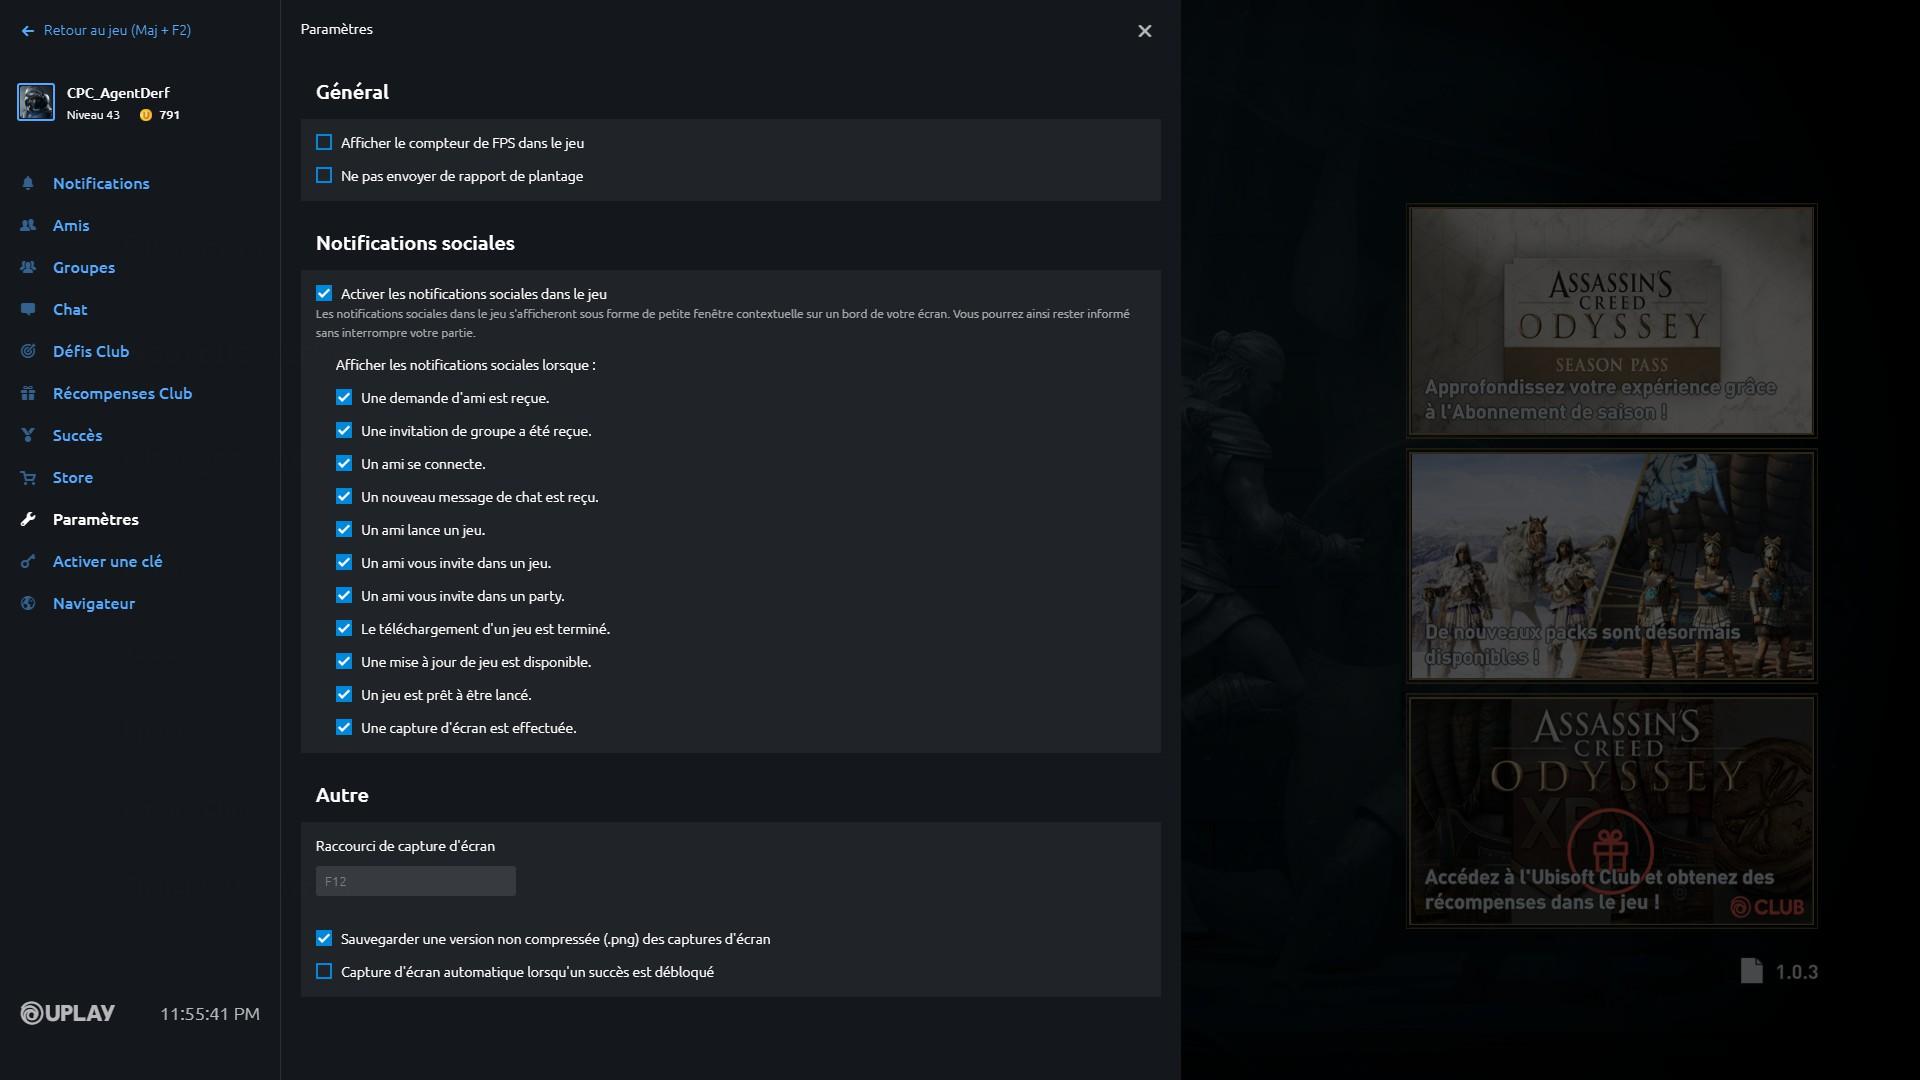 Comment voulez-vous brancher la source d'énergie dans Assassin Creed 3 la Cour et la datation dans les années 1800